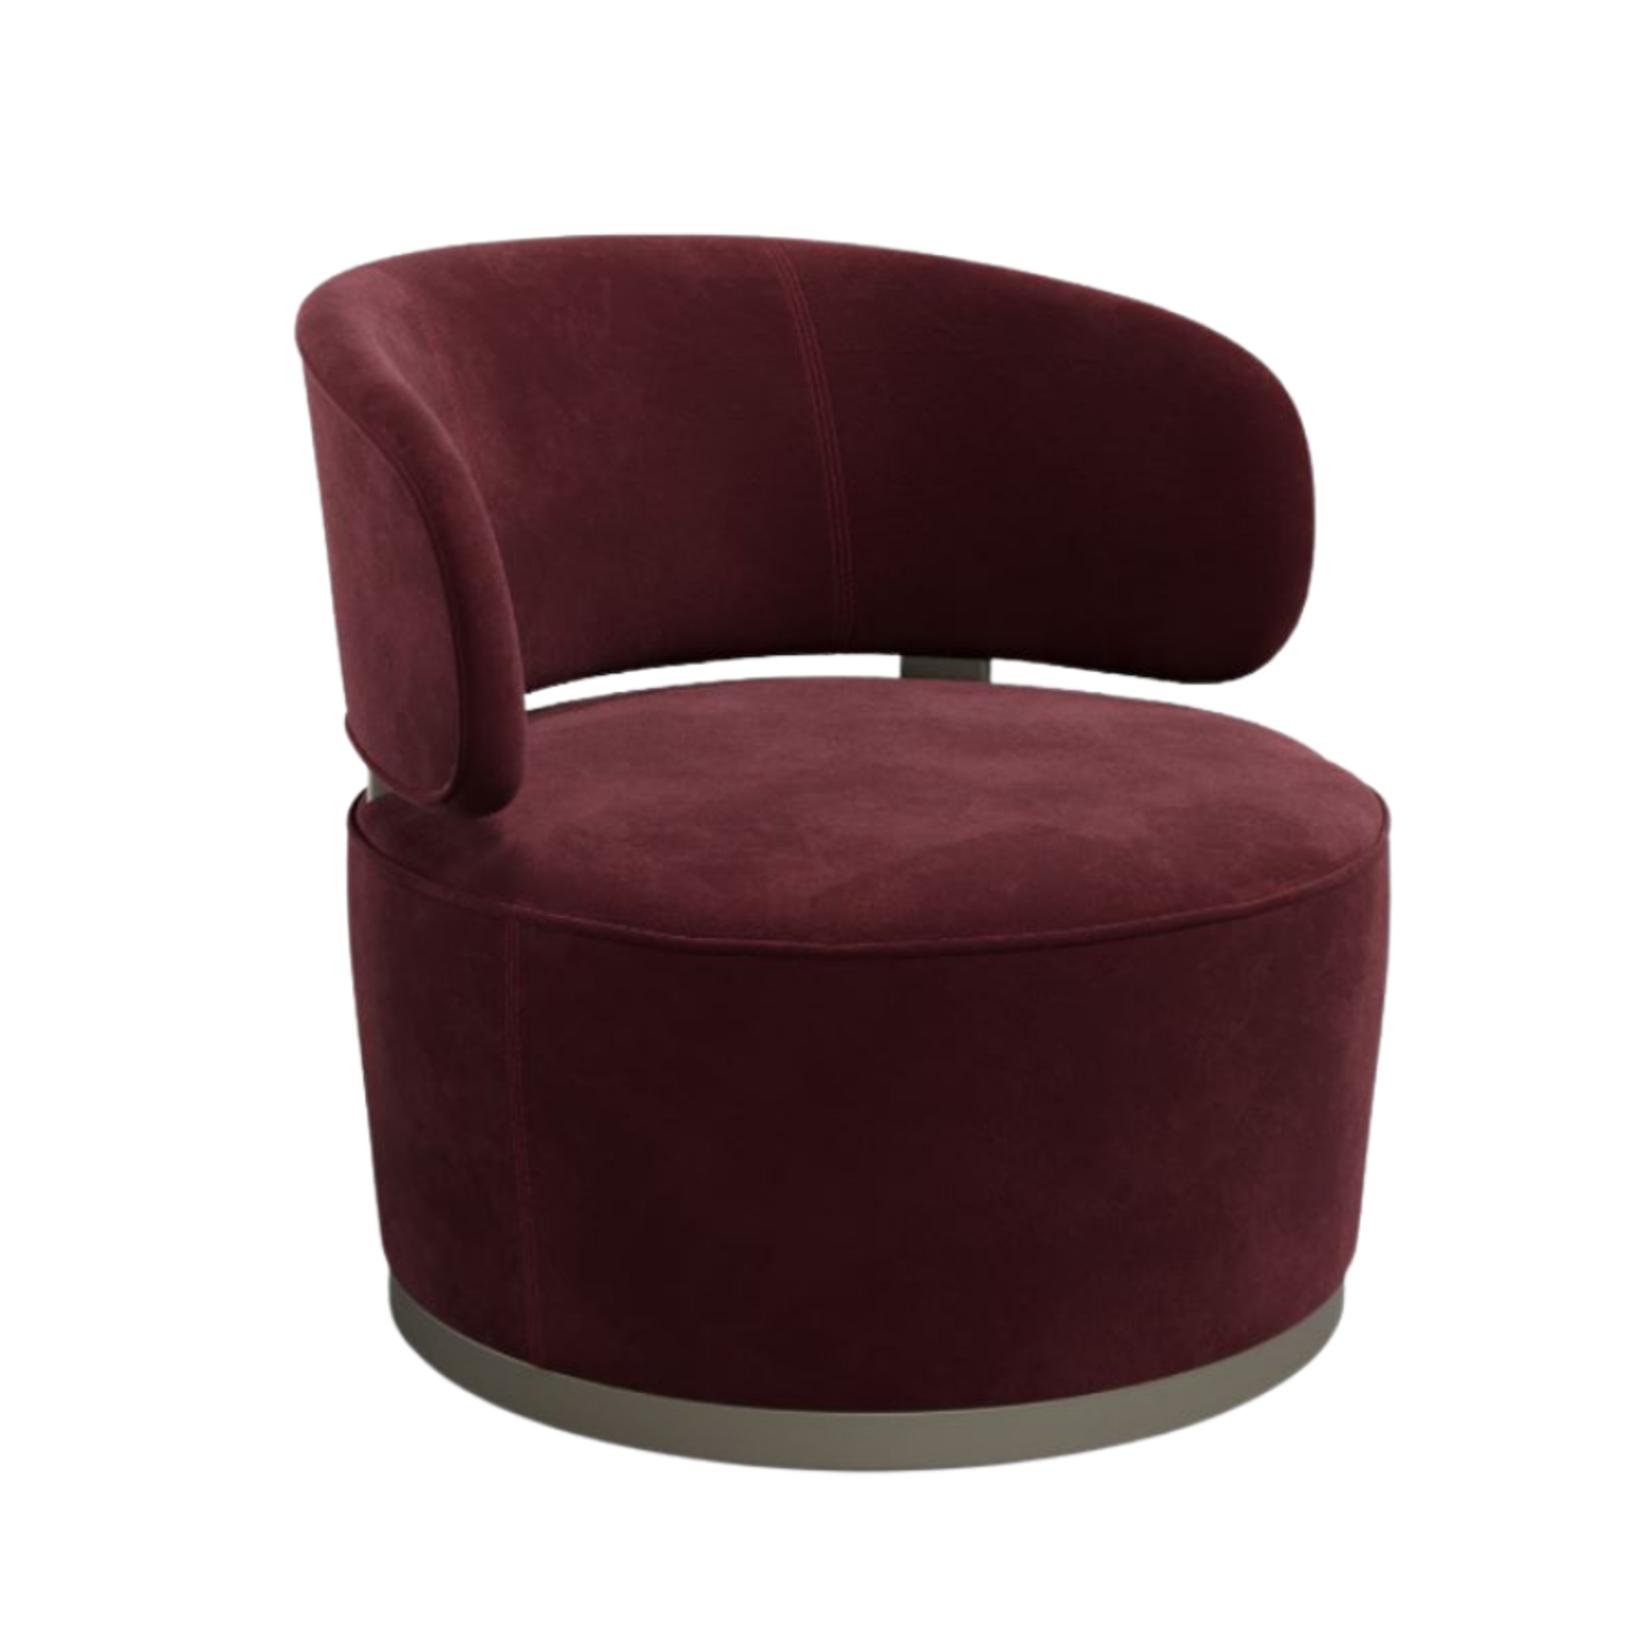 Harmony Studio Cairo Accent Chair